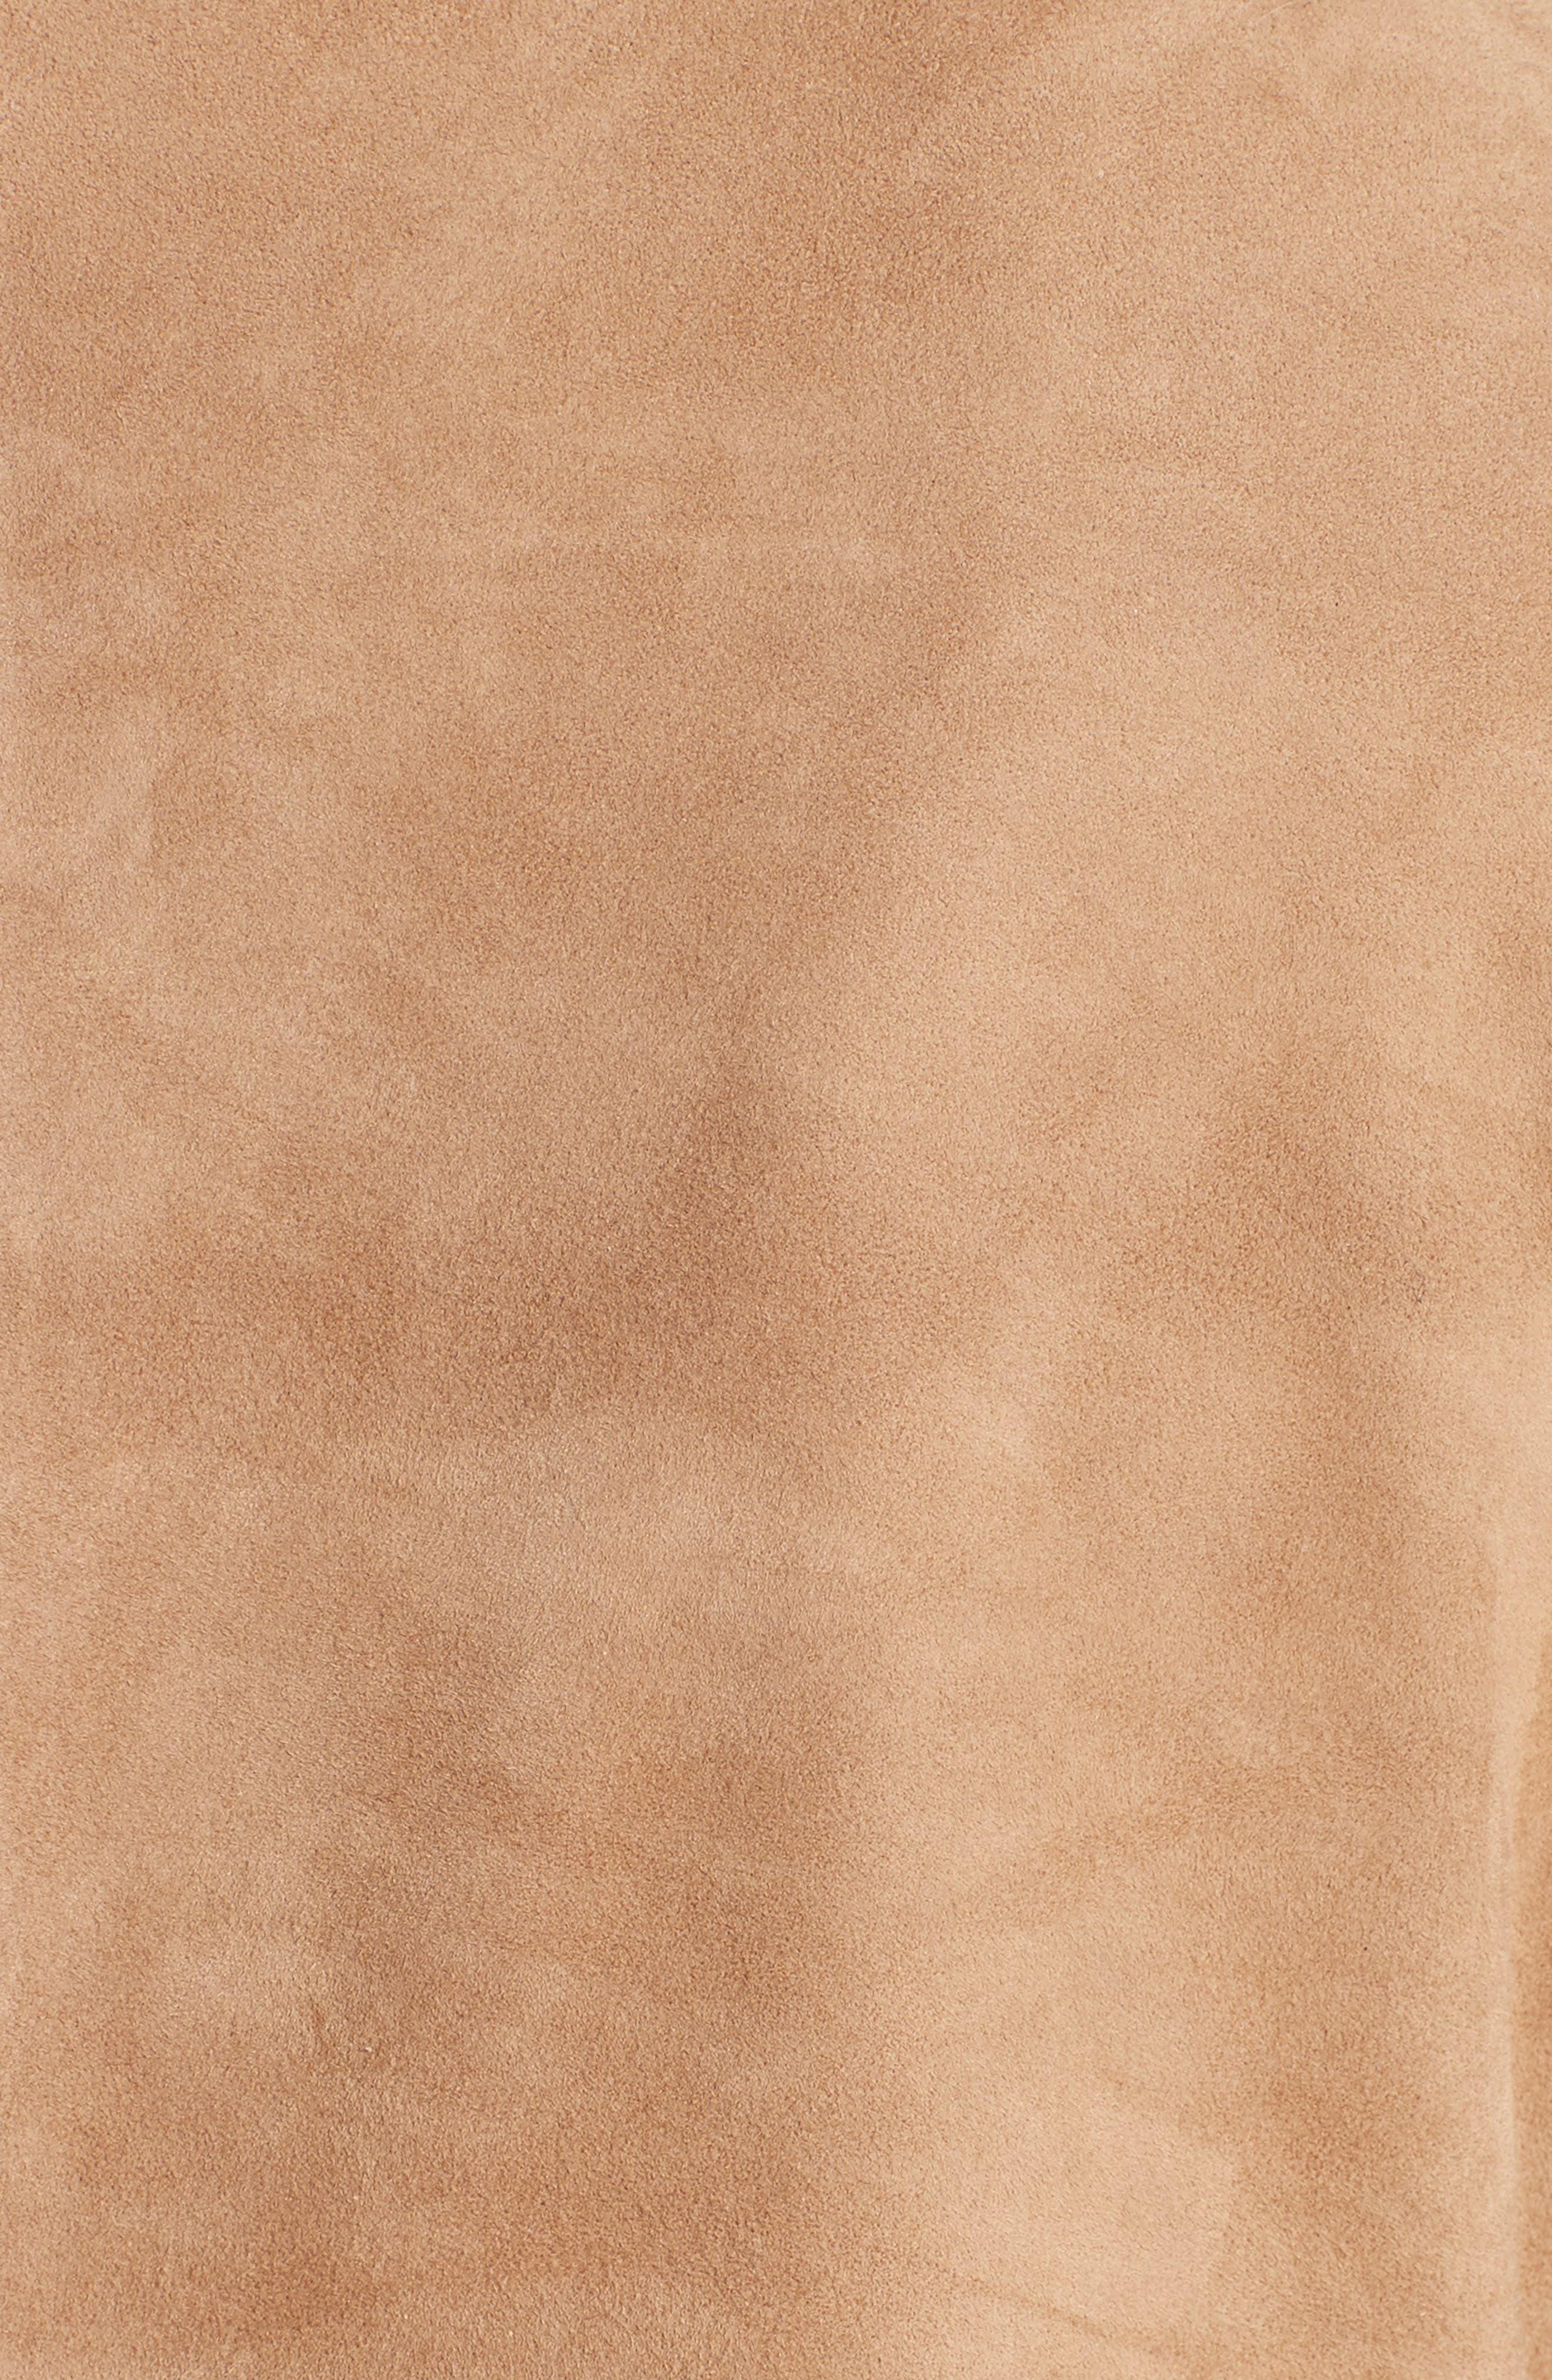 Suede & Cashmere Dress,                             Alternate thumbnail 3, color,                             Camel